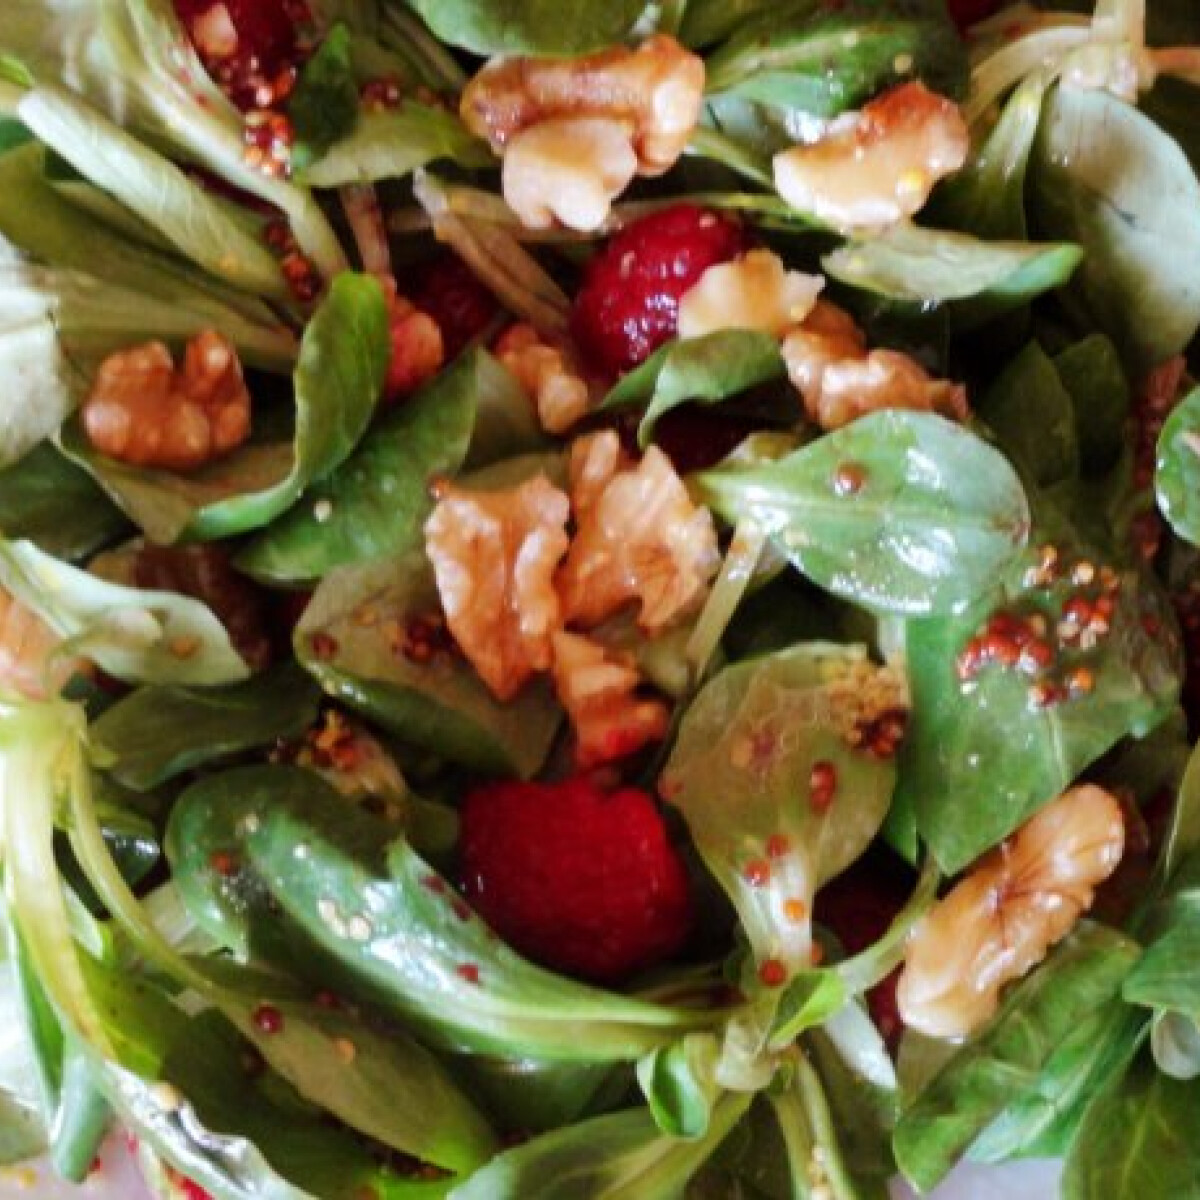 Ezen a képen: Galambbegy saláta málnával és dióval